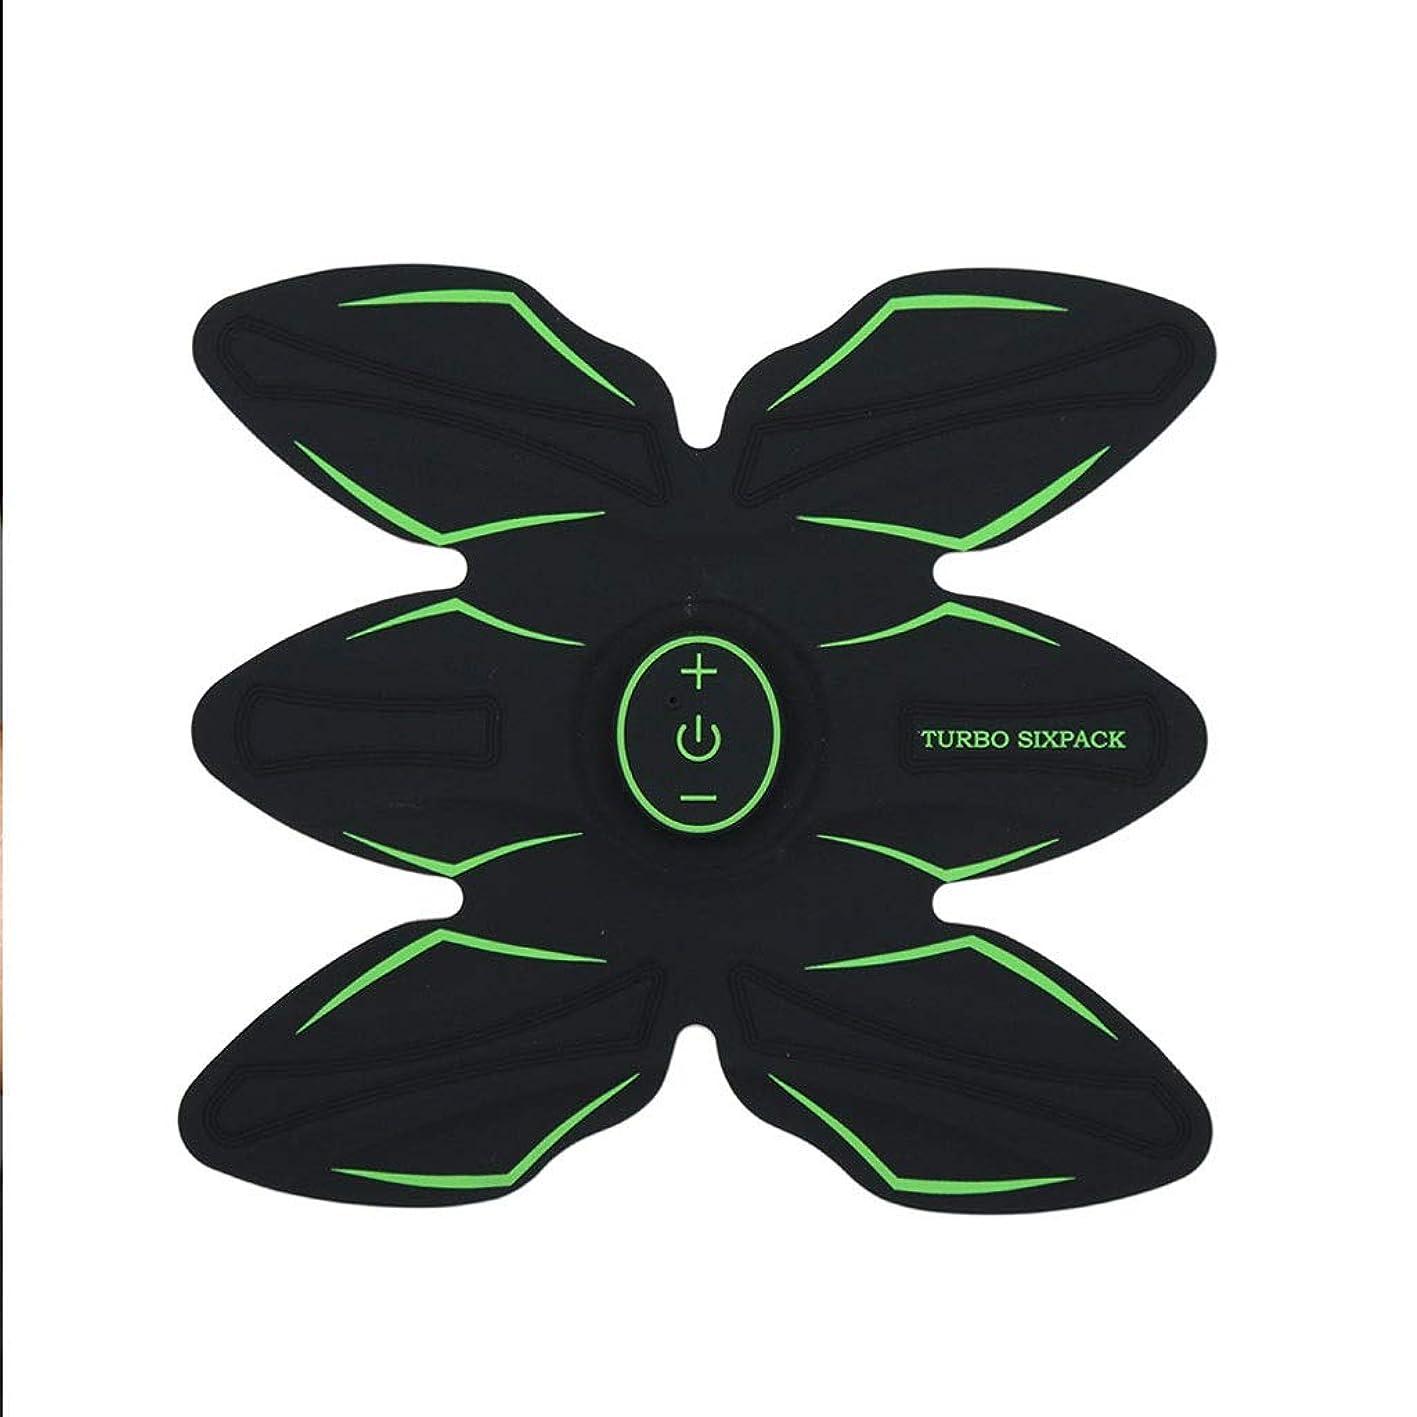 ボーナスクラフト居眠りするABSトレーナーEMS腹部電気筋肉刺激装置筋肉トナー調色ベルトフィットネスギアABSエクササイズマシンウエストトレーナーホームワークアウトフィットネス機器